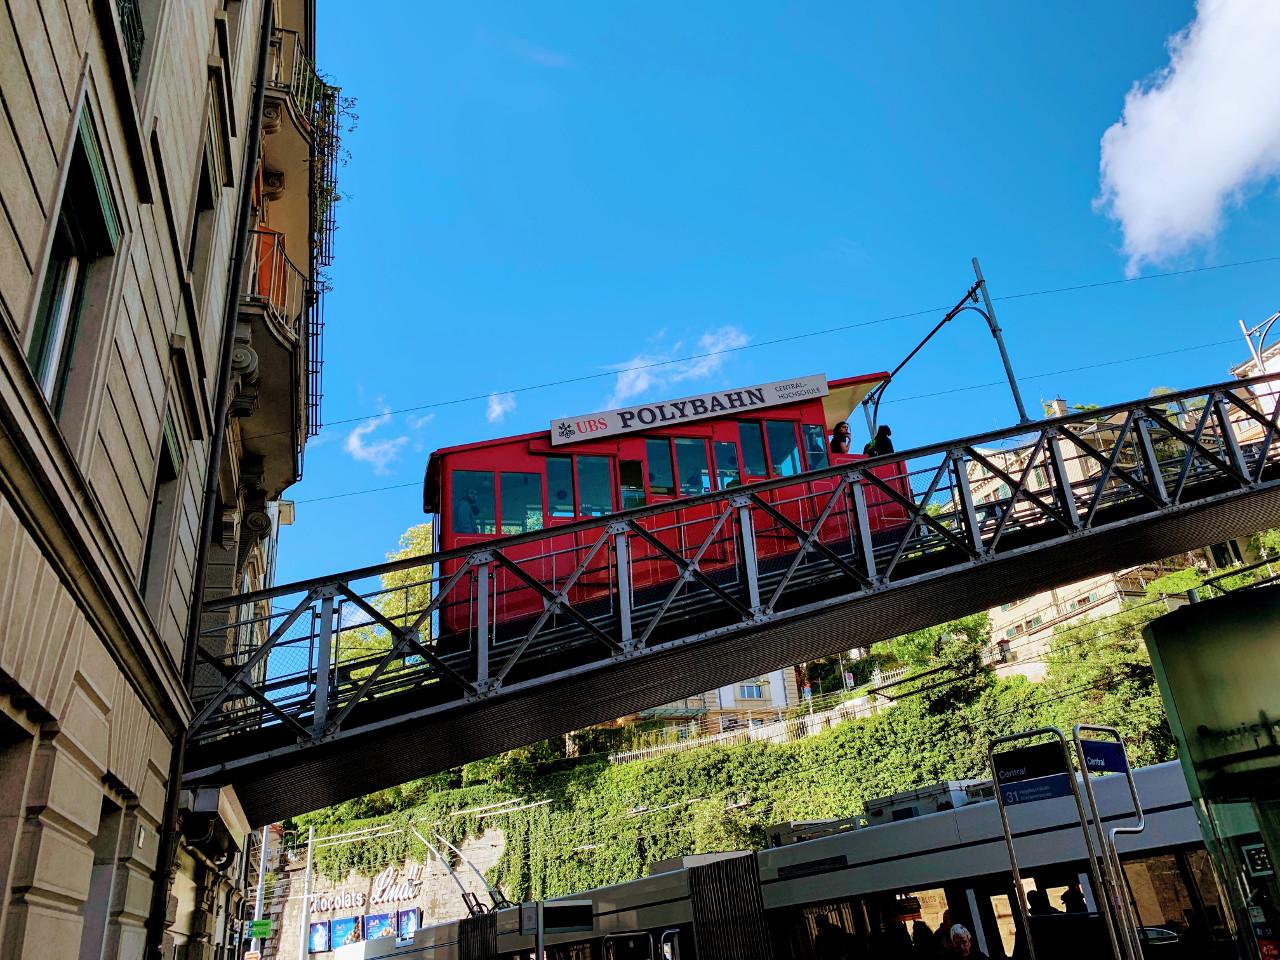 Полибан, Цюрих. Откройте для себя все самое лучшее, что можно сделать в Цюрихе и рядом с ним (рекомендации местного жителя).